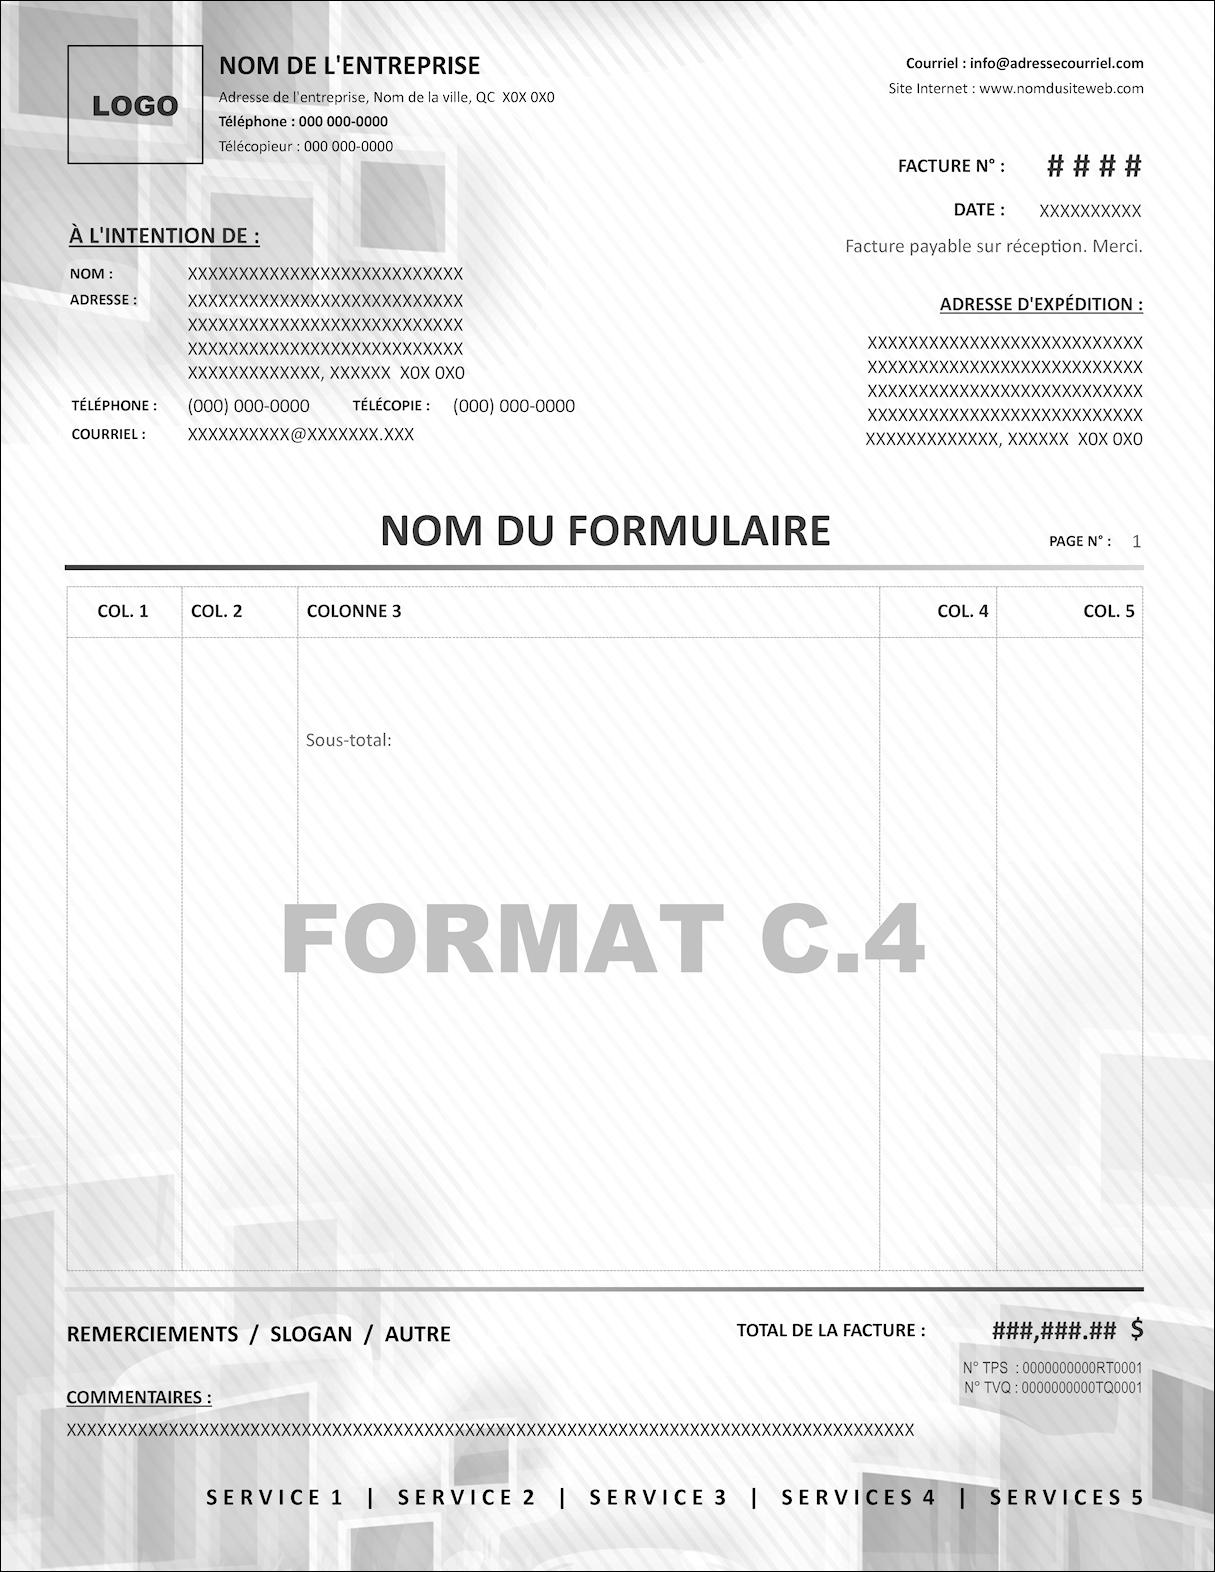 FORMAT C.4